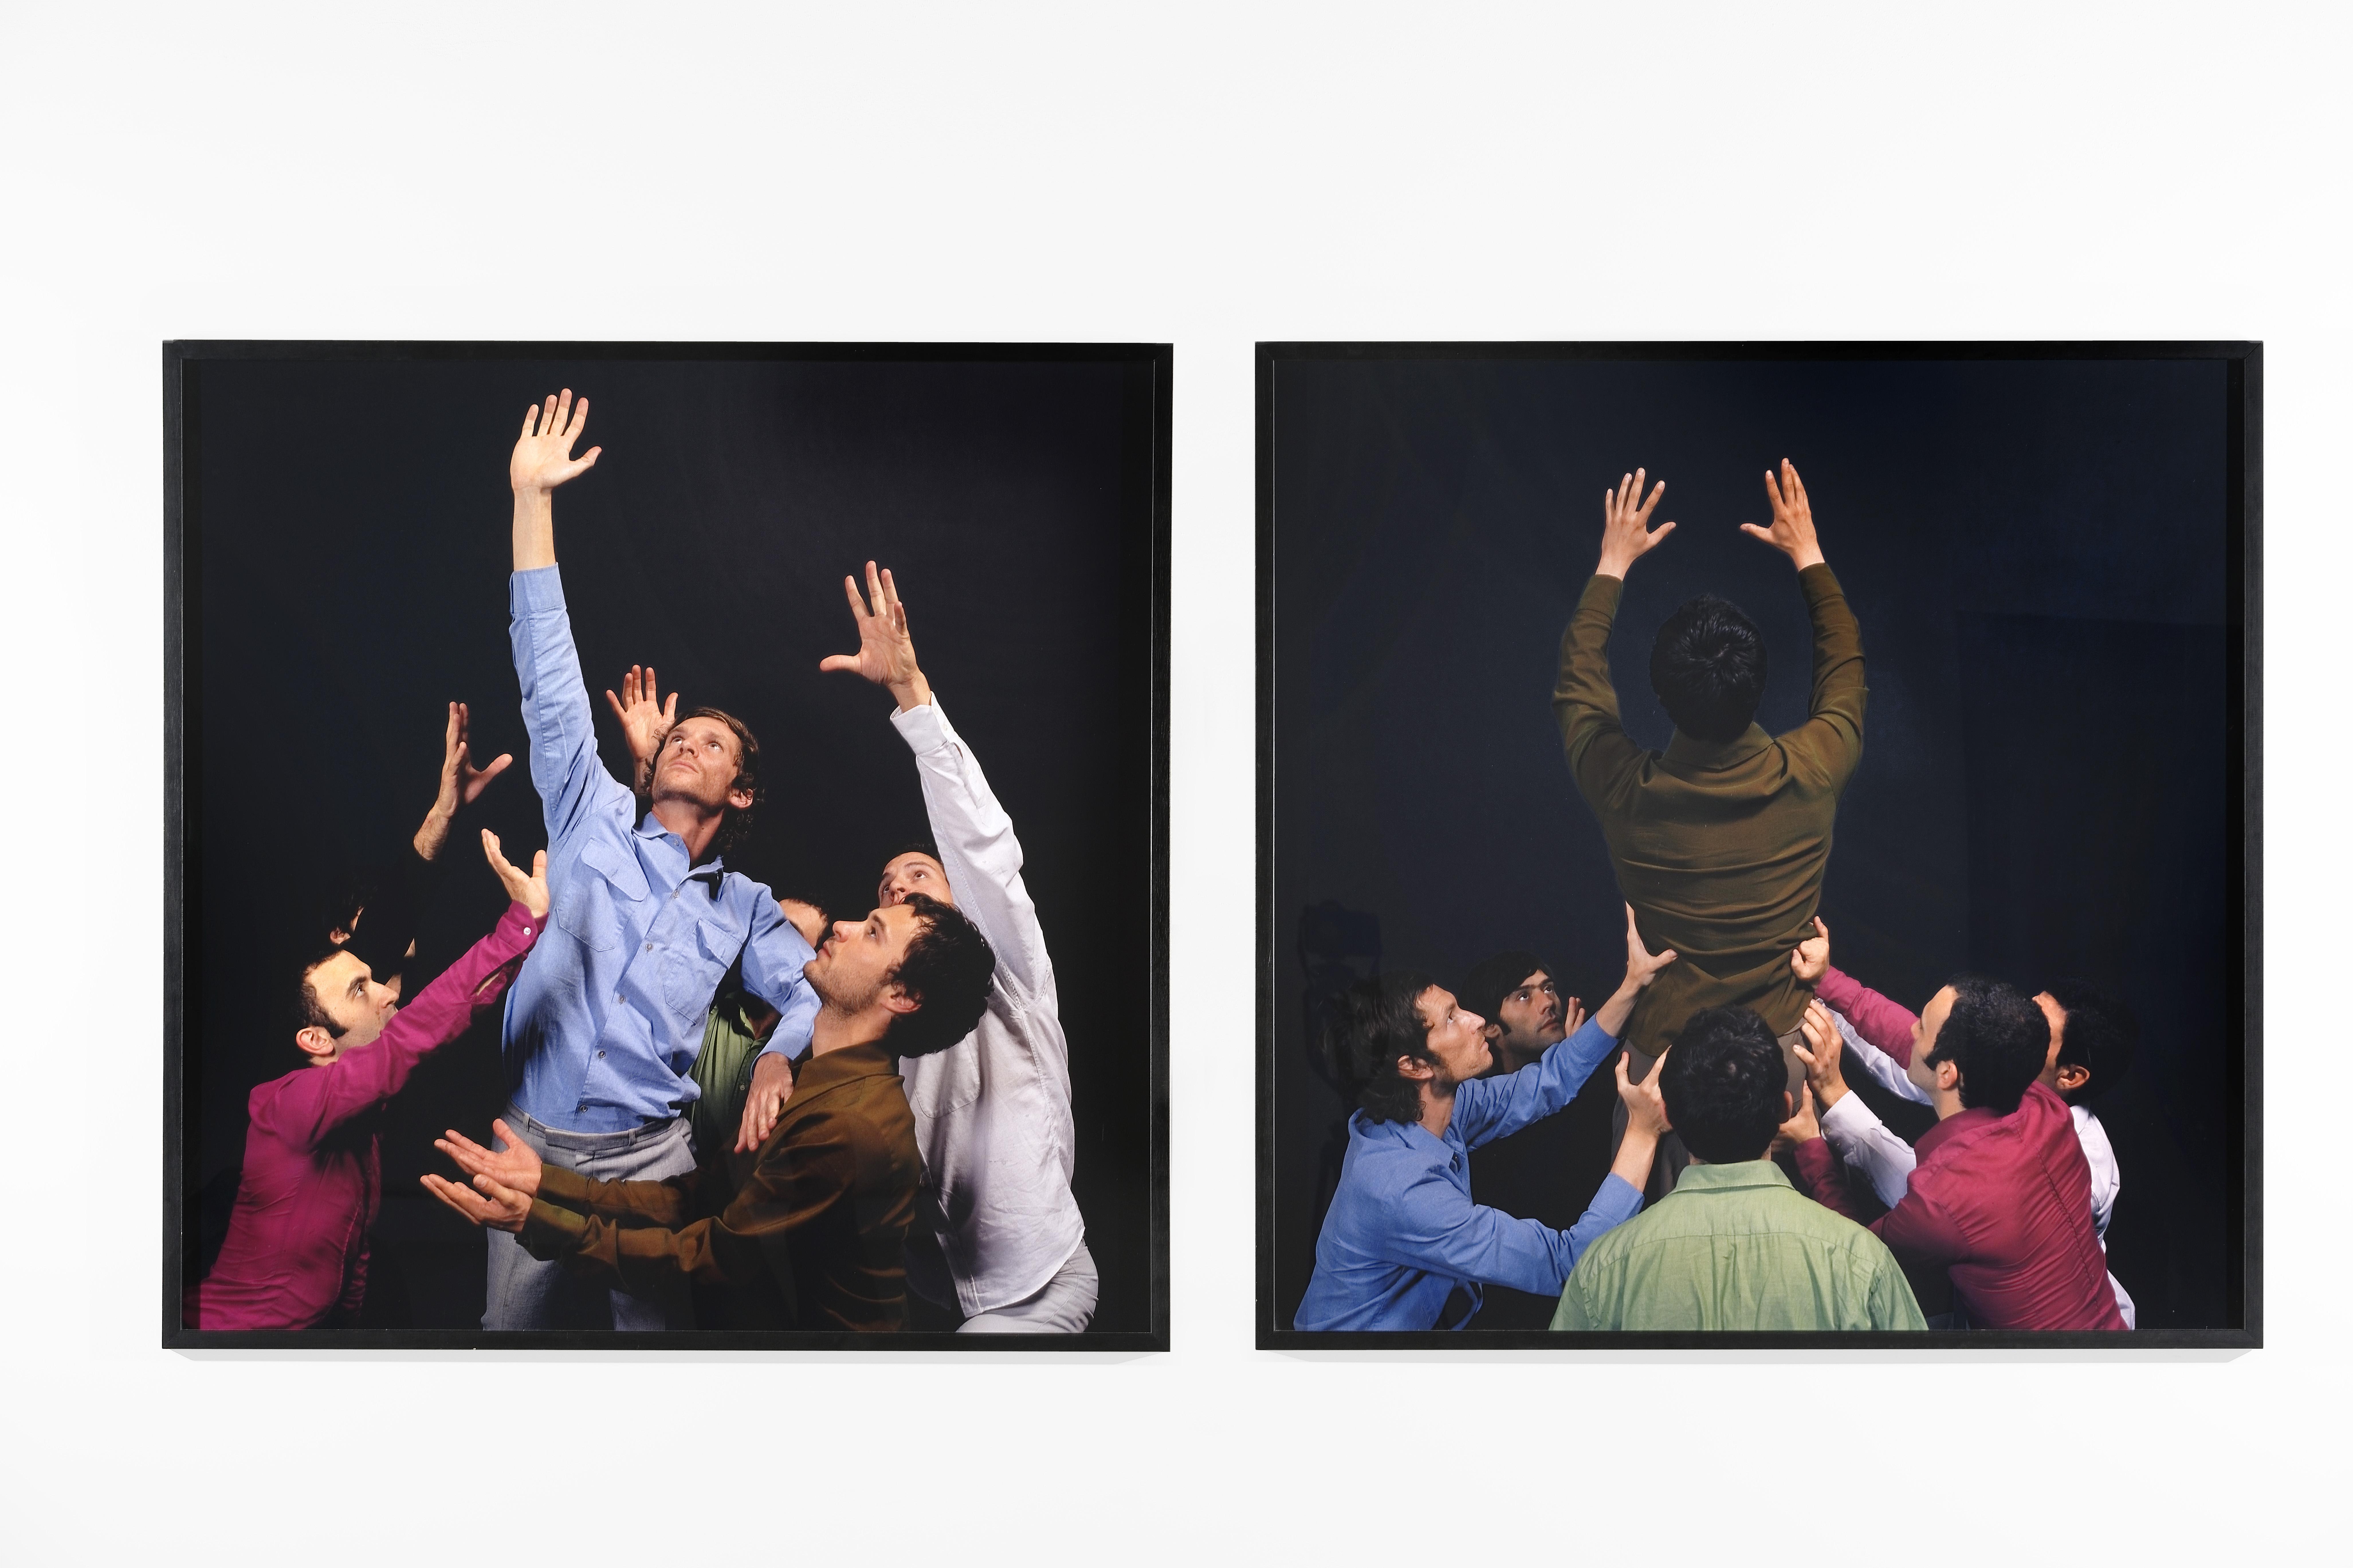 Édouard Levé, vue de l'œuvre Sans titre, 2005, et de l'exposition Danser sur un volcan, commissariat Florent Maubert & Sylvie Zavatta, Frac Franche-Comté, 2021